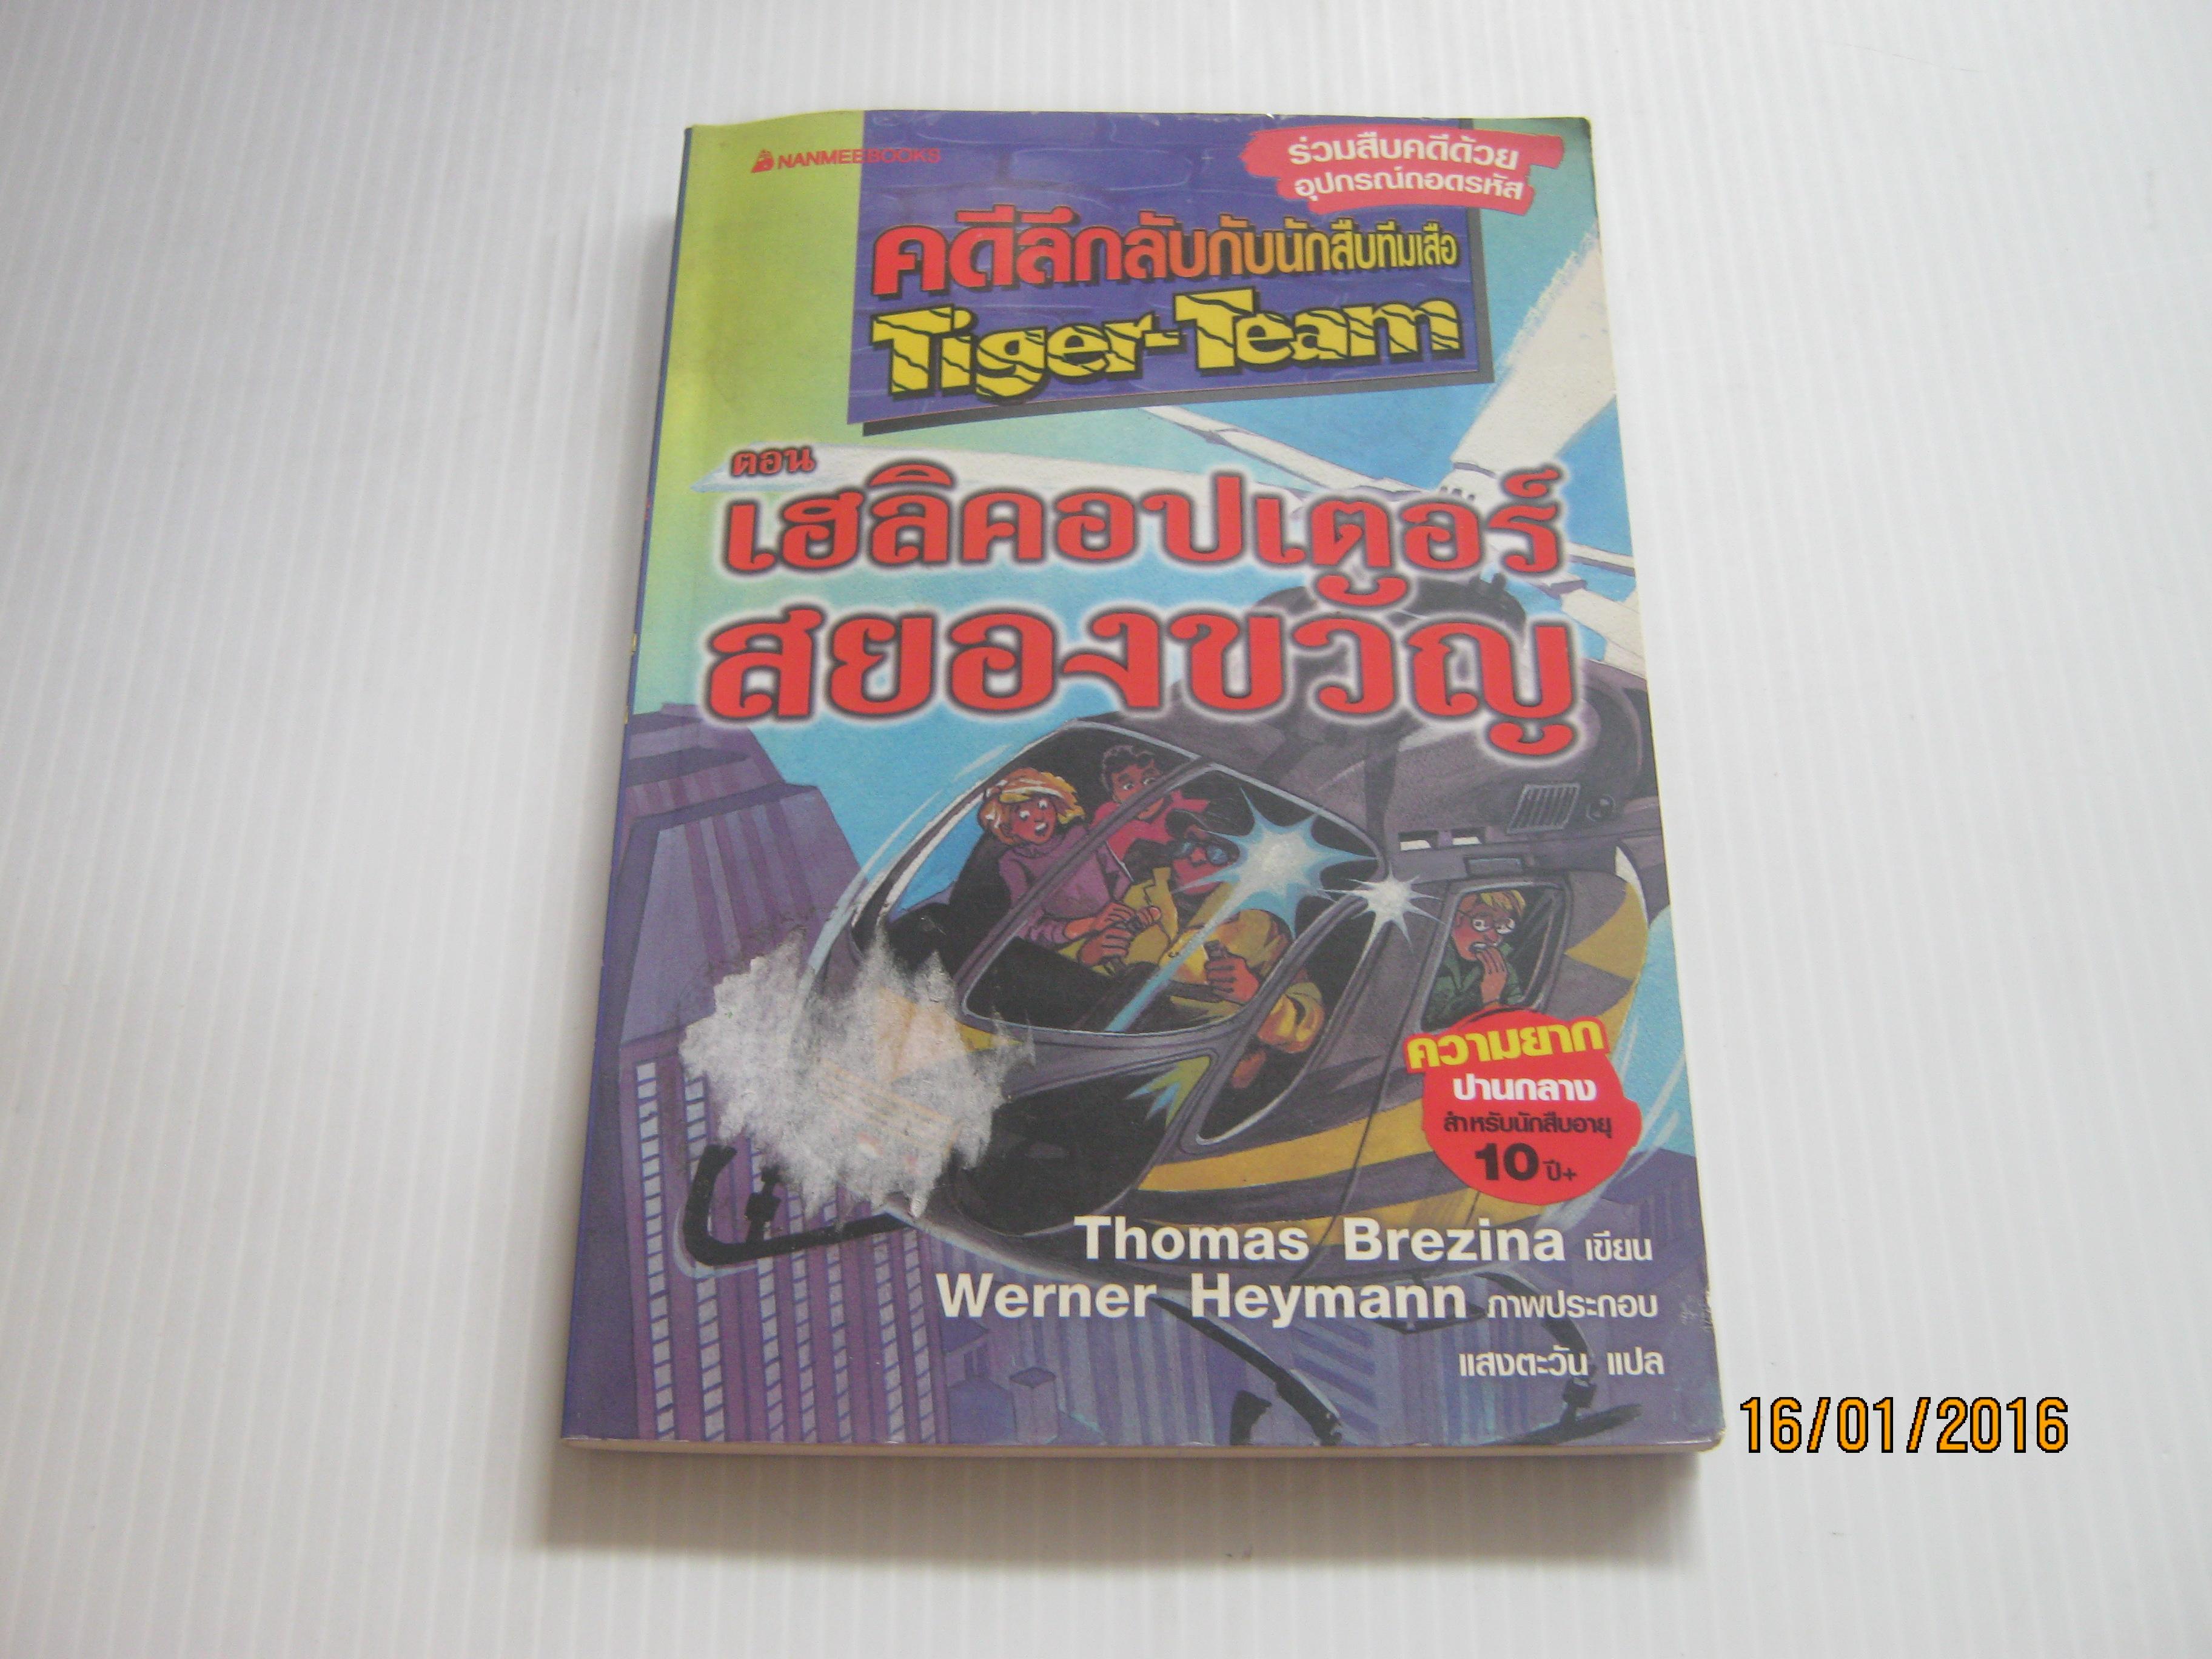 คดีลึกลับกับนักสืบทีมเสือ (Tiger Team) ตอน เฮลิคอปเตอร์สยองขวัญ Thomas Brezina เขียน แสงตะวัน แปล***สินค้าหมด***